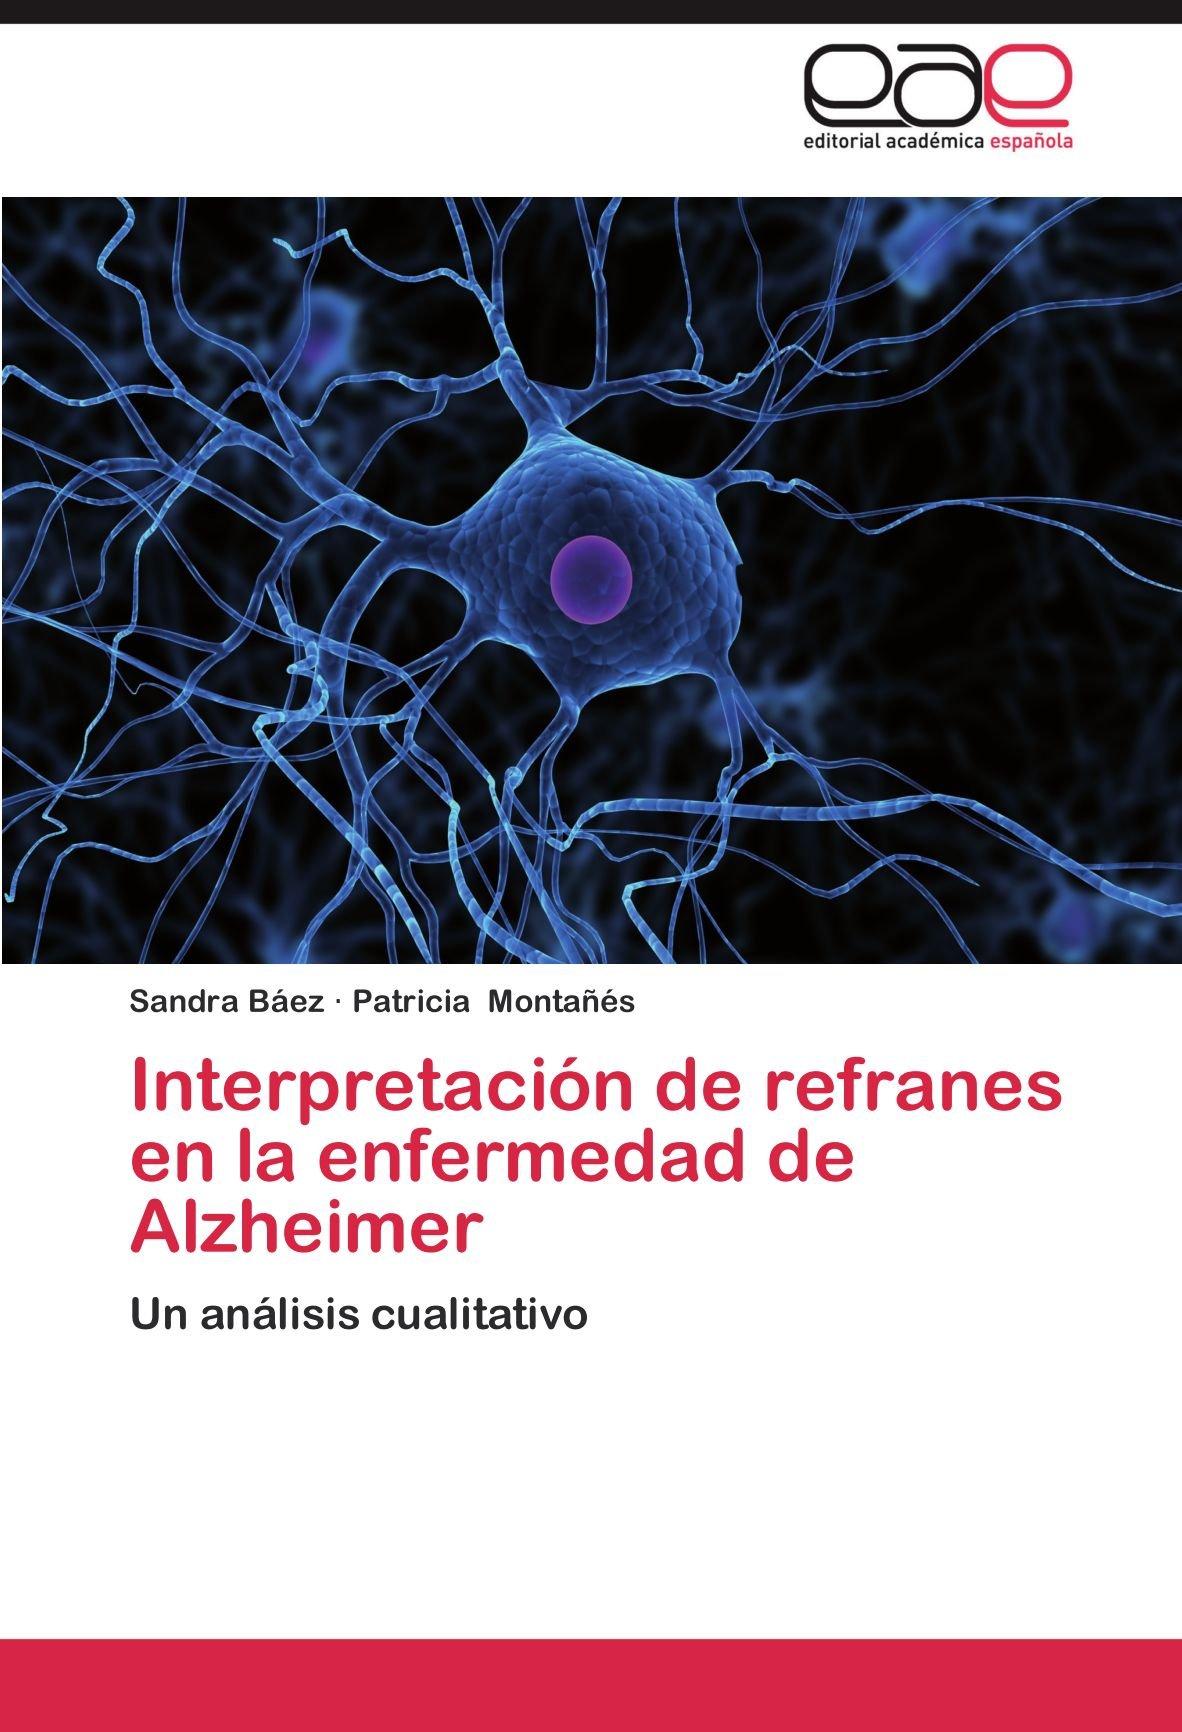 Interpretación de refranes en la enfermedad de Alzheimer: Un análisis cualitativo (Spanish Edition): Sandra Báez, Patricia Montañés: 9783659020421: ...